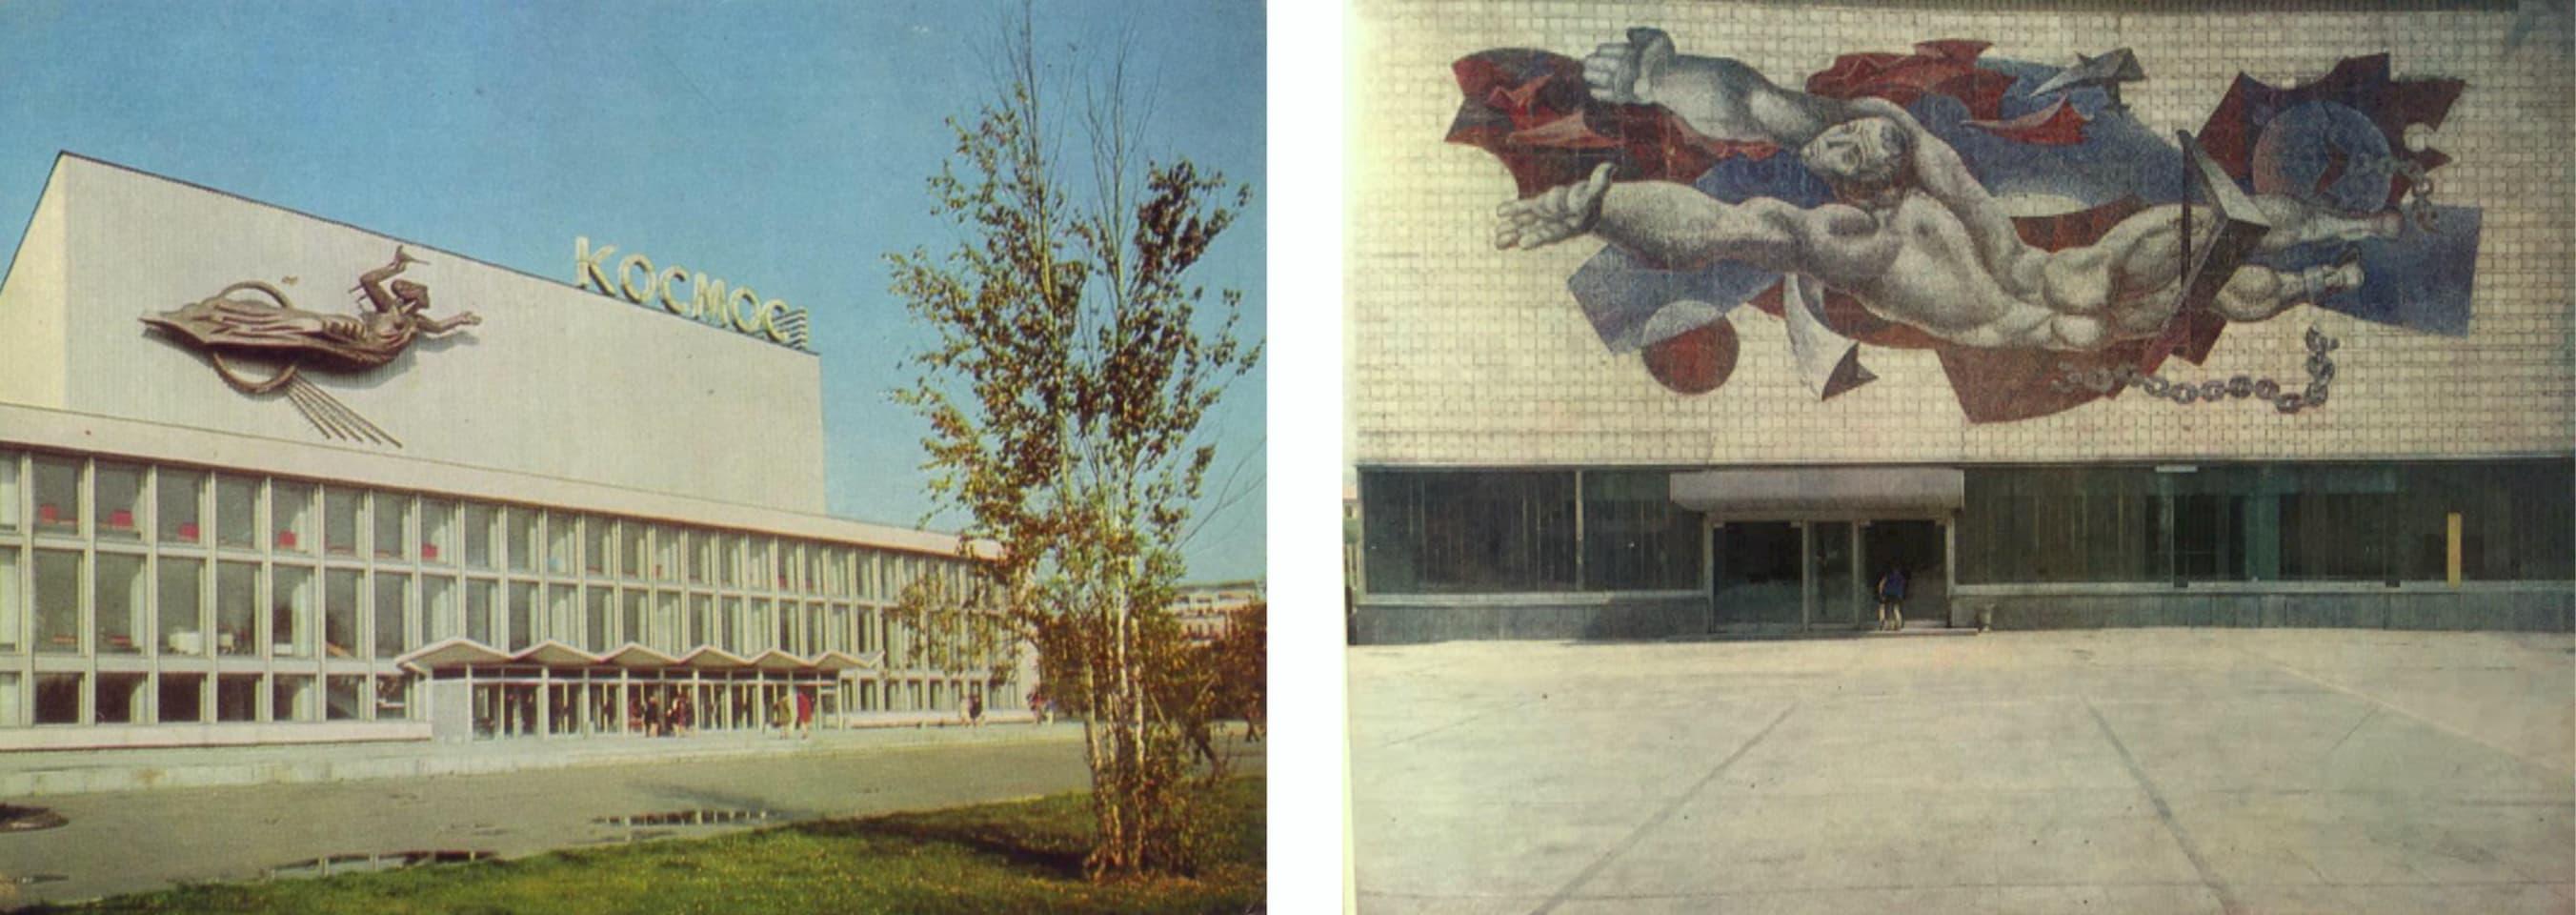 Чеканный рельеф на ККТ Космос и «Освобожденный человек» Бориса Тальберга на СК Урал